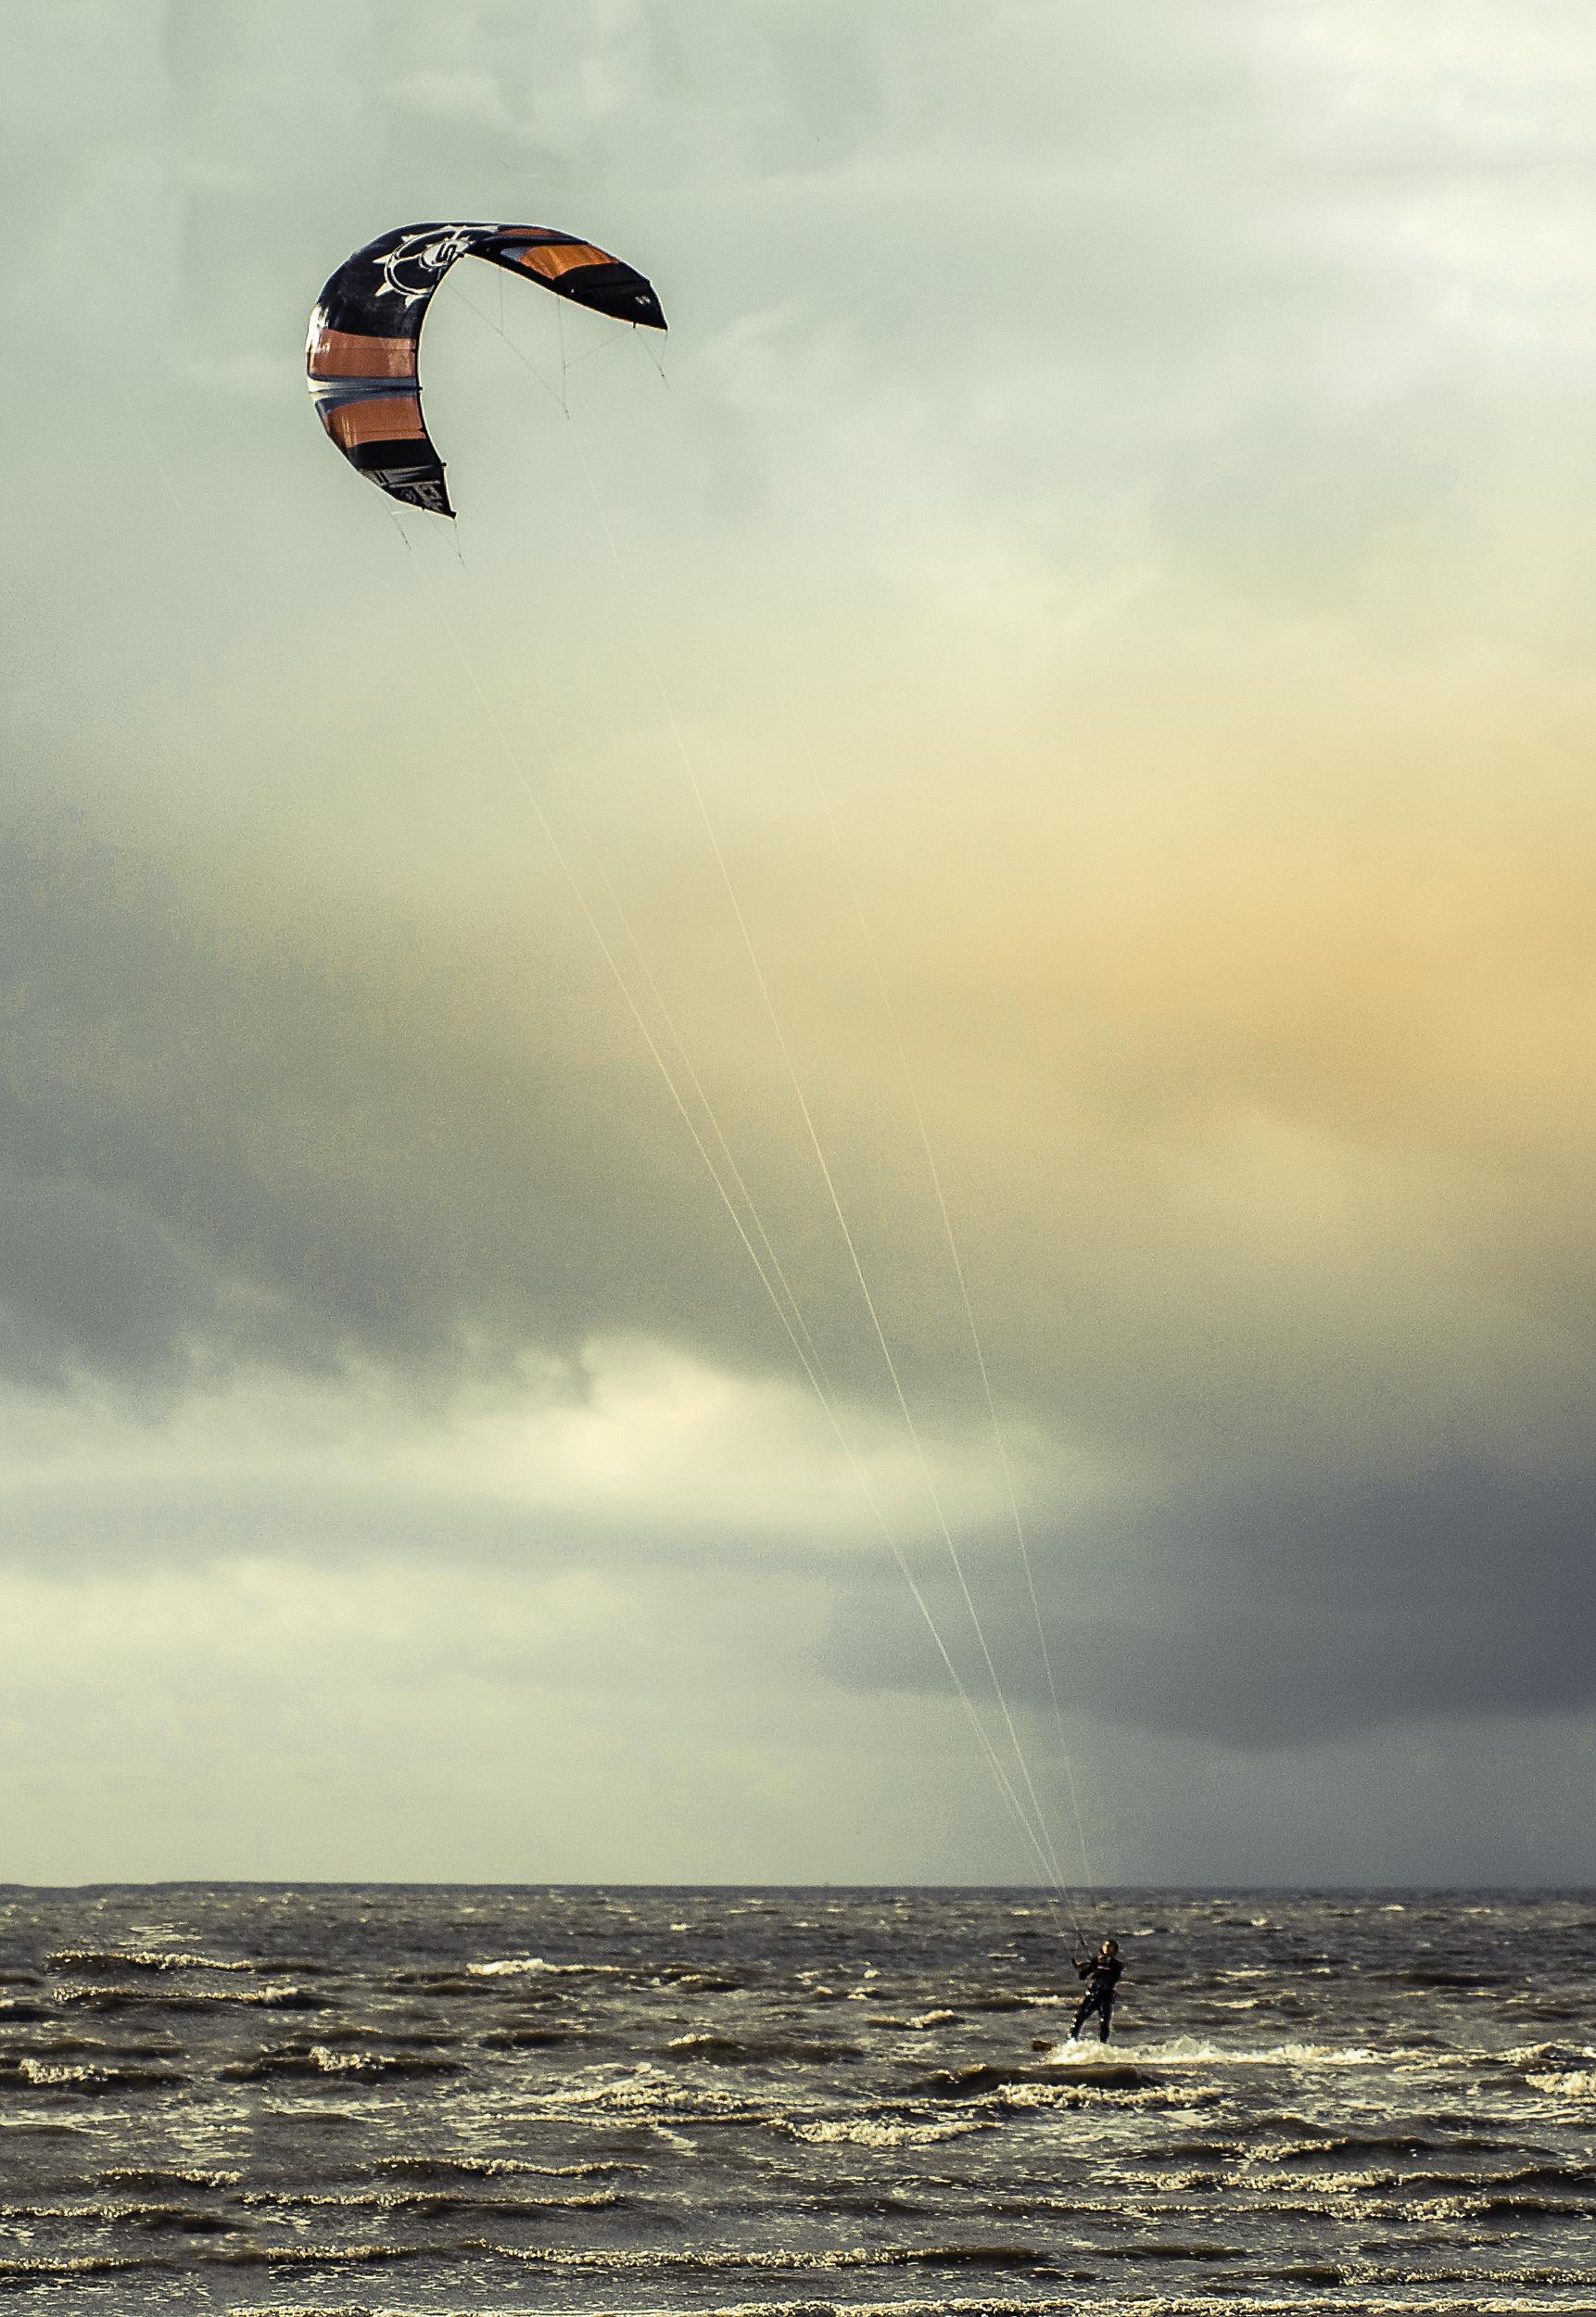 Kitesurfing Harlingen